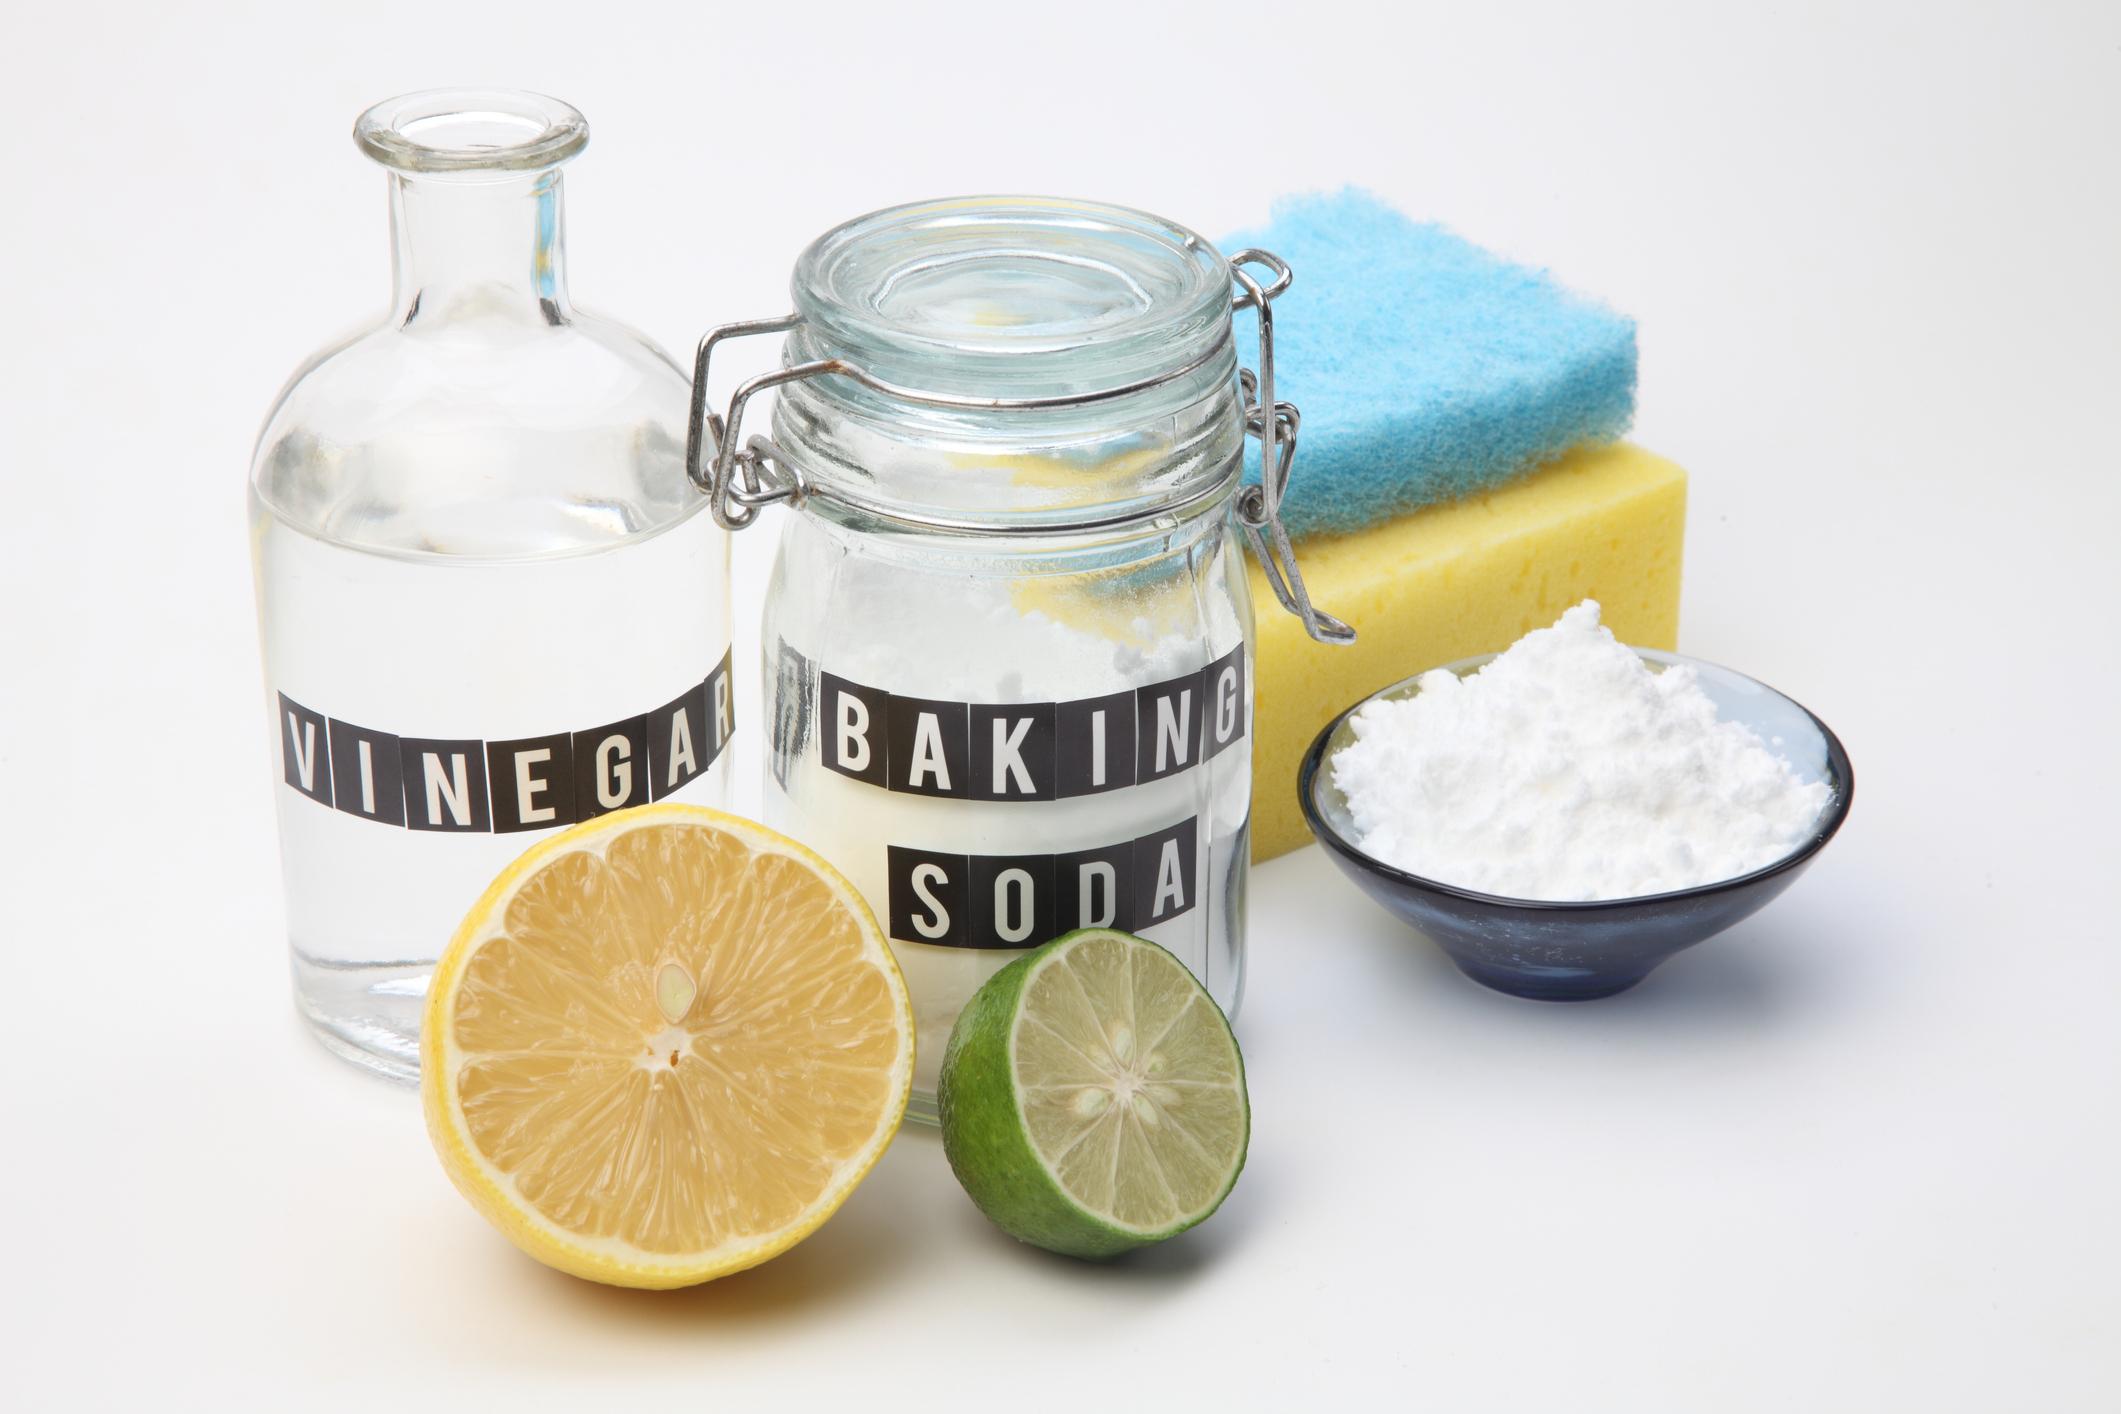 baking-soda-613048584_2125x1416.jpeg